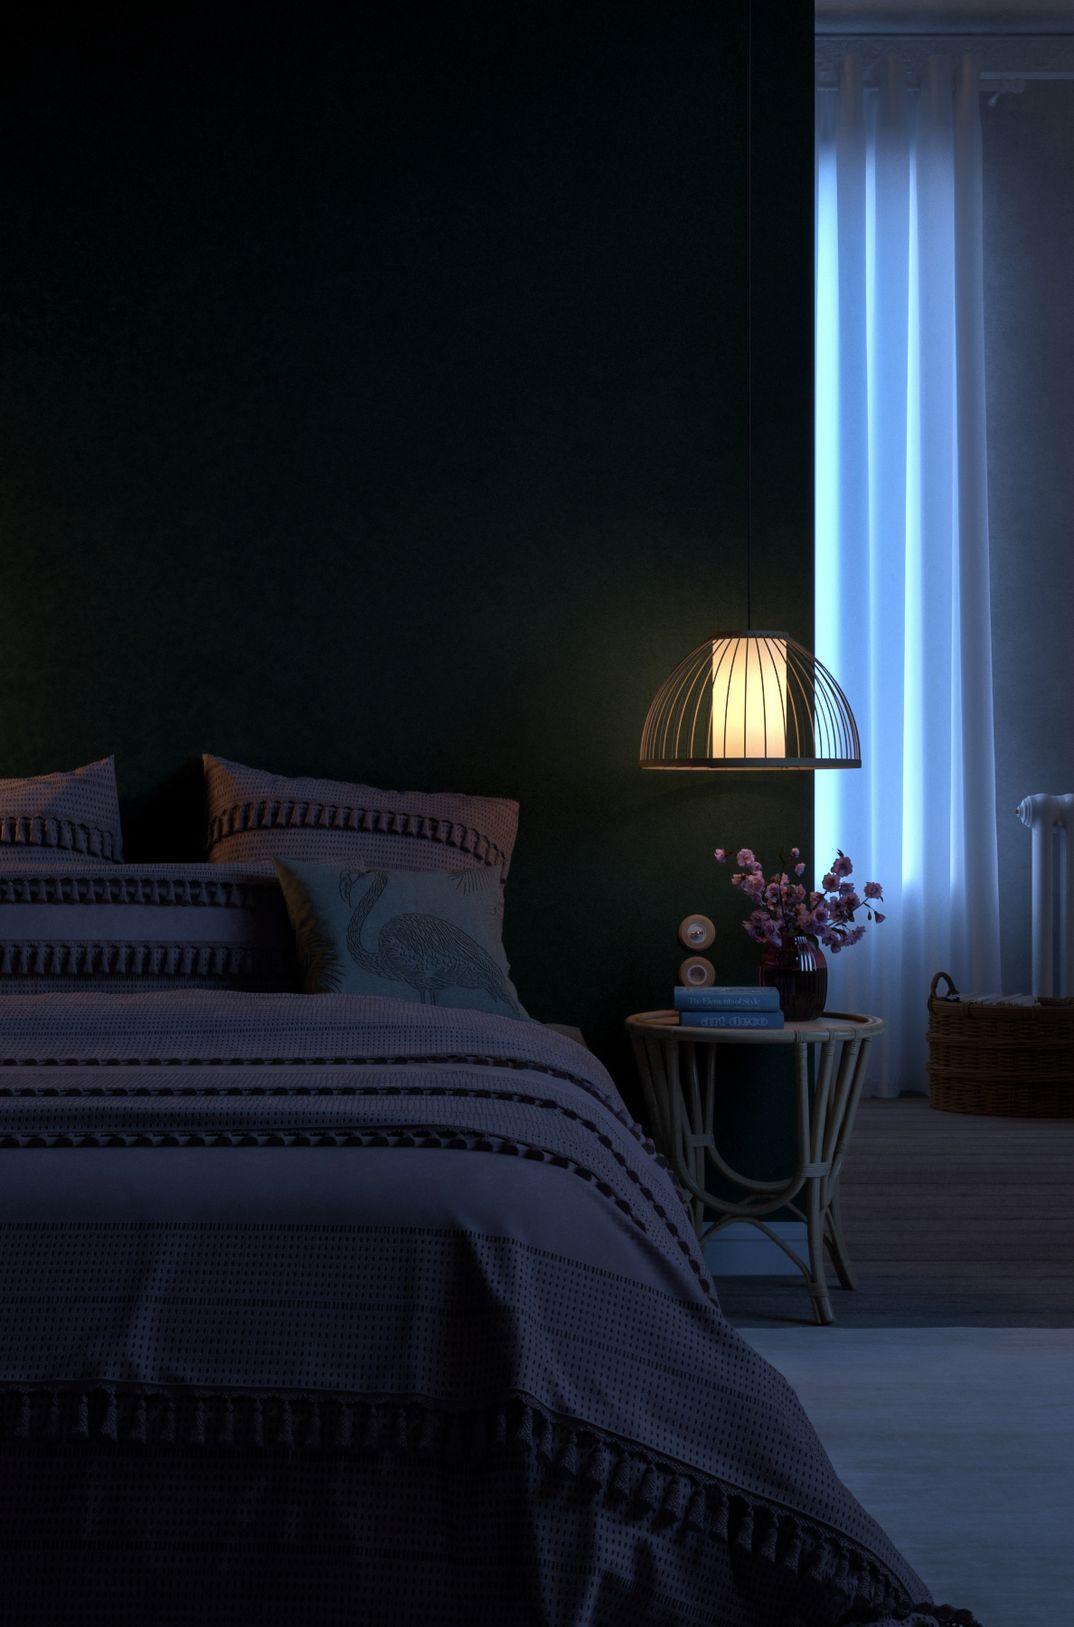 Green Bedroom - Night Version